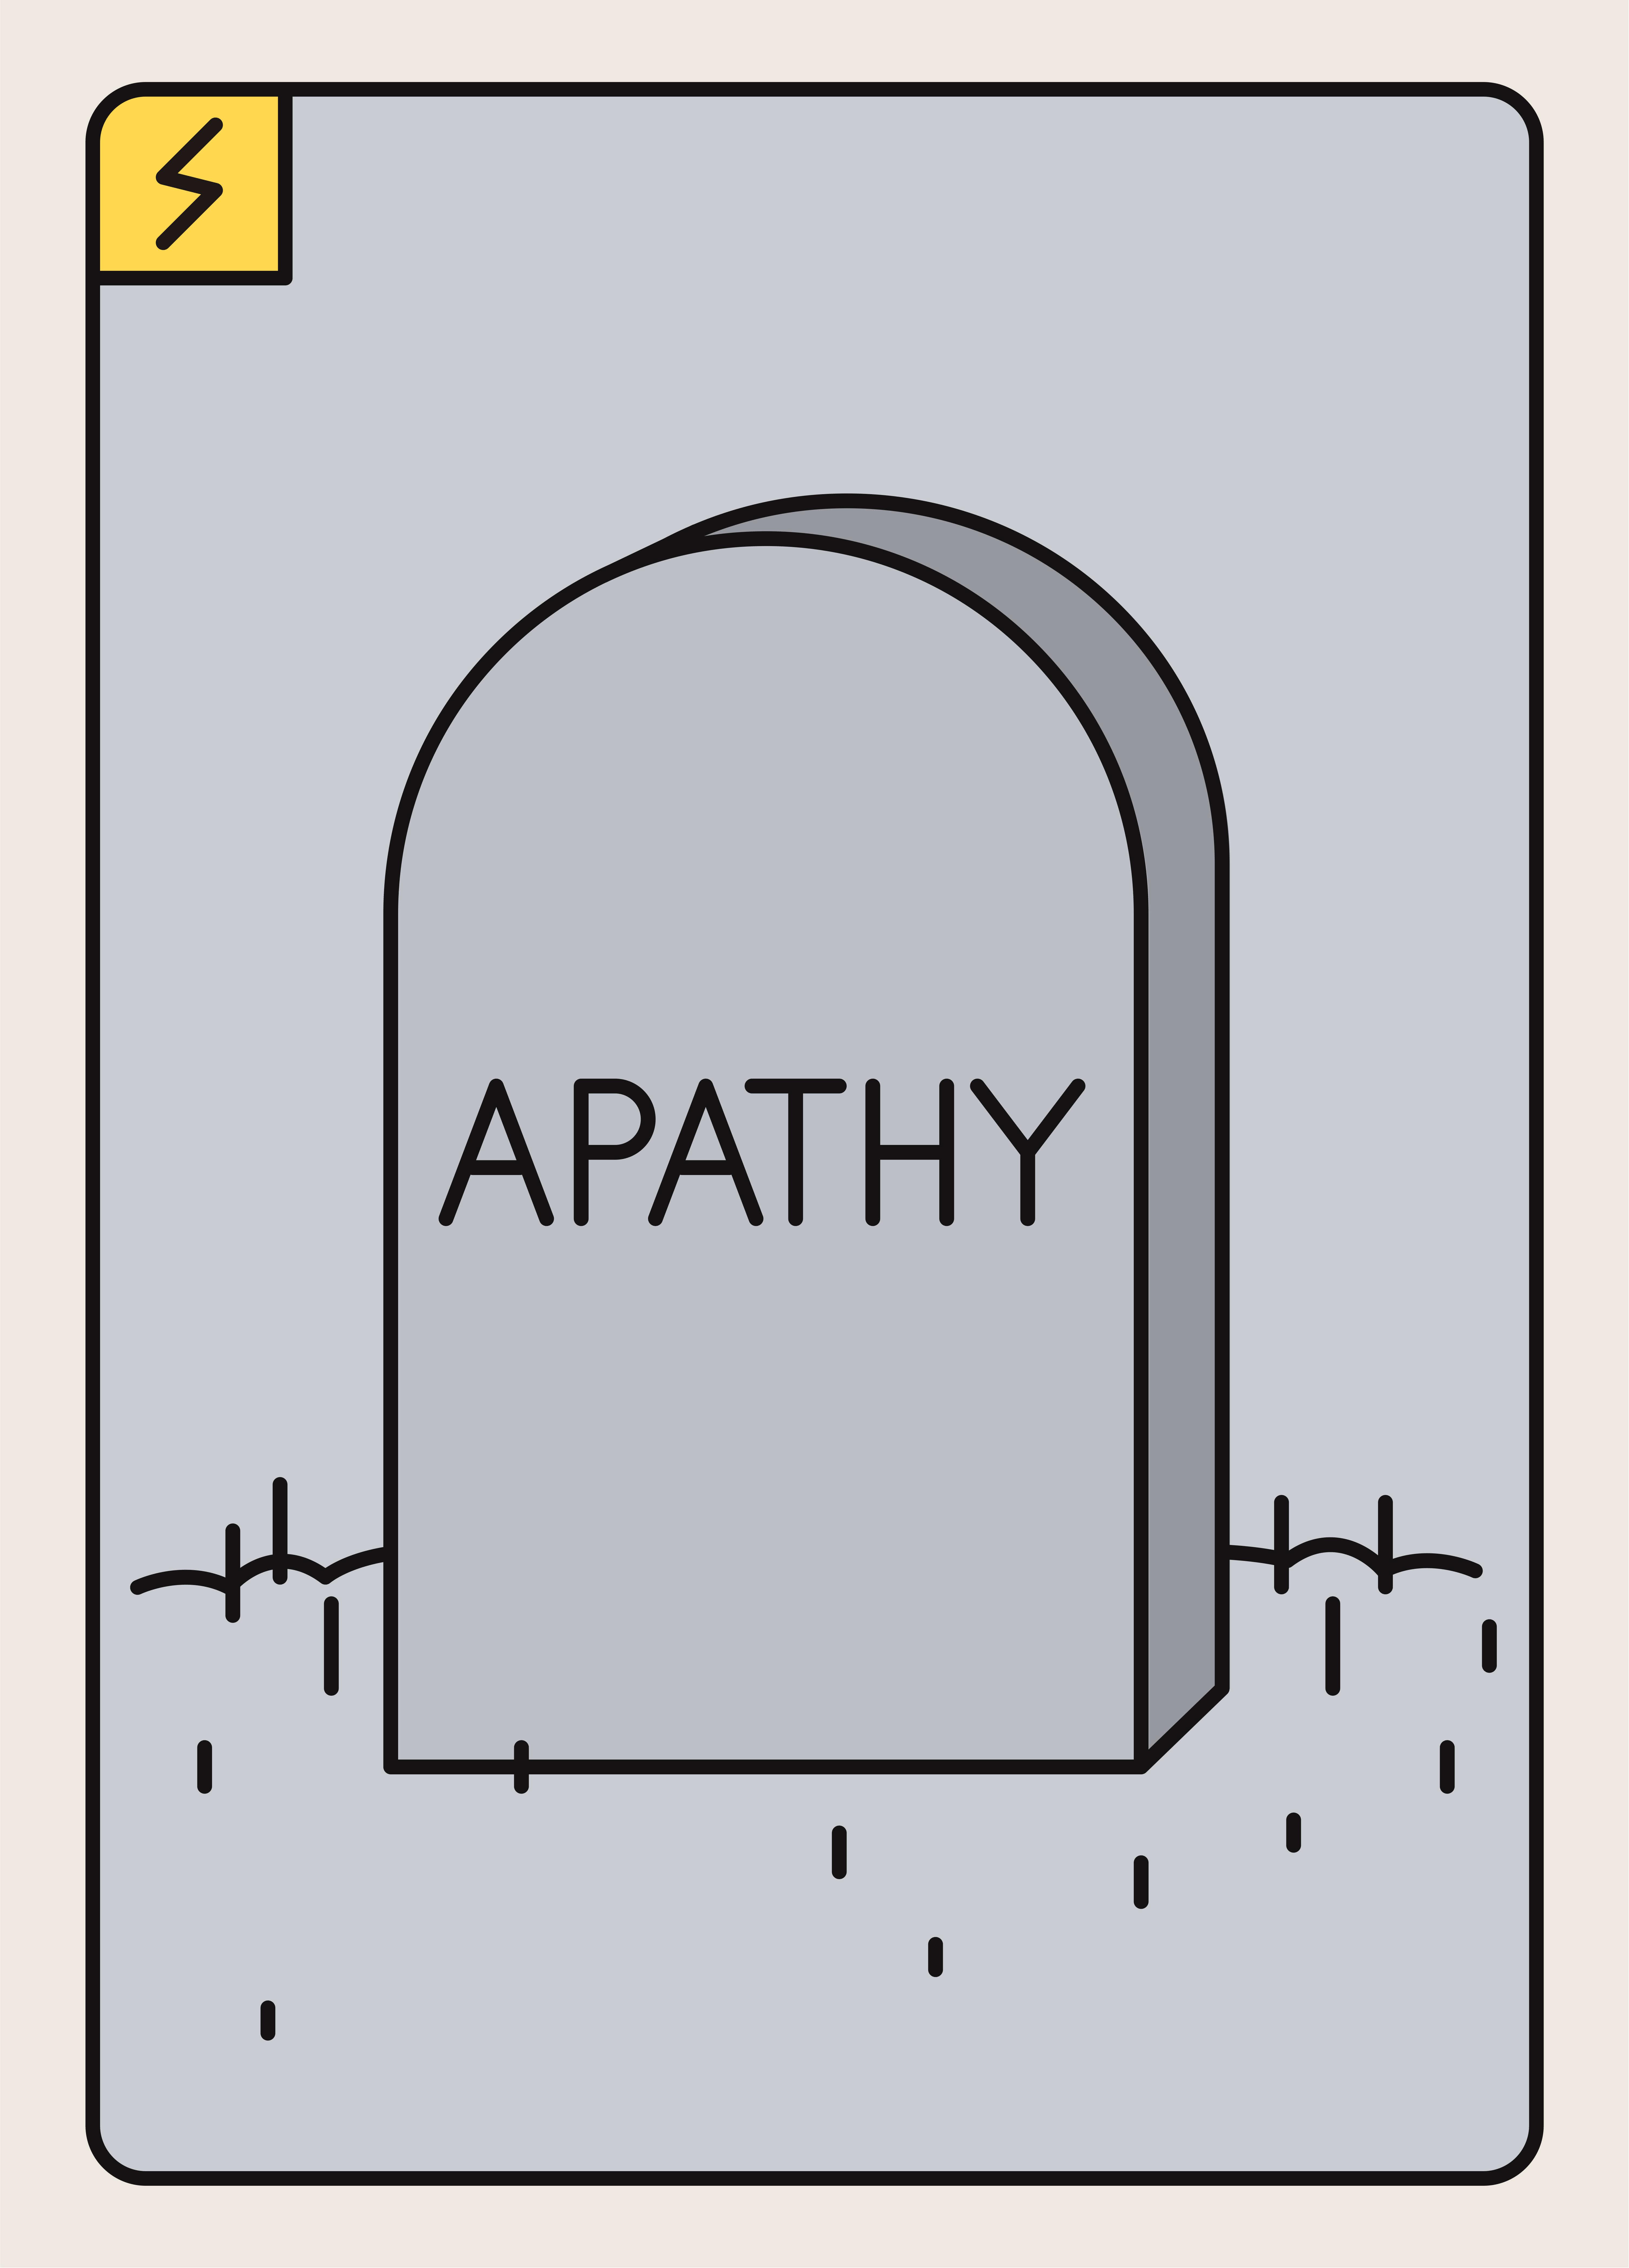 Apathy main image